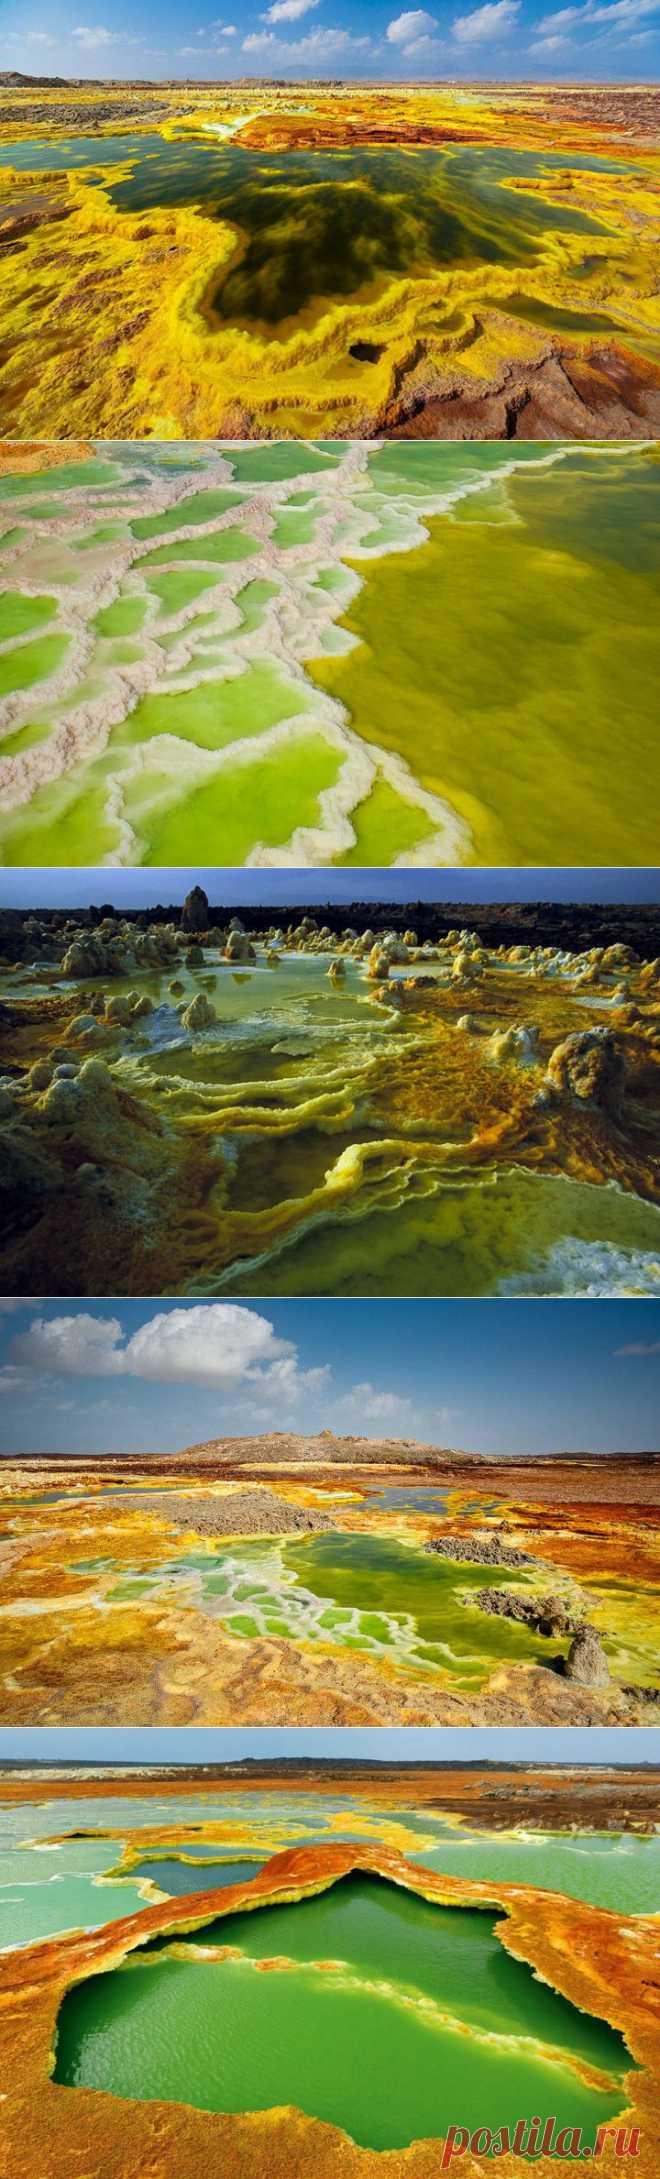 (+1) тема - Инопланетные пейзажи на Земле: вулкан Даллол (ФОТО) | САМЫЙ СОК!